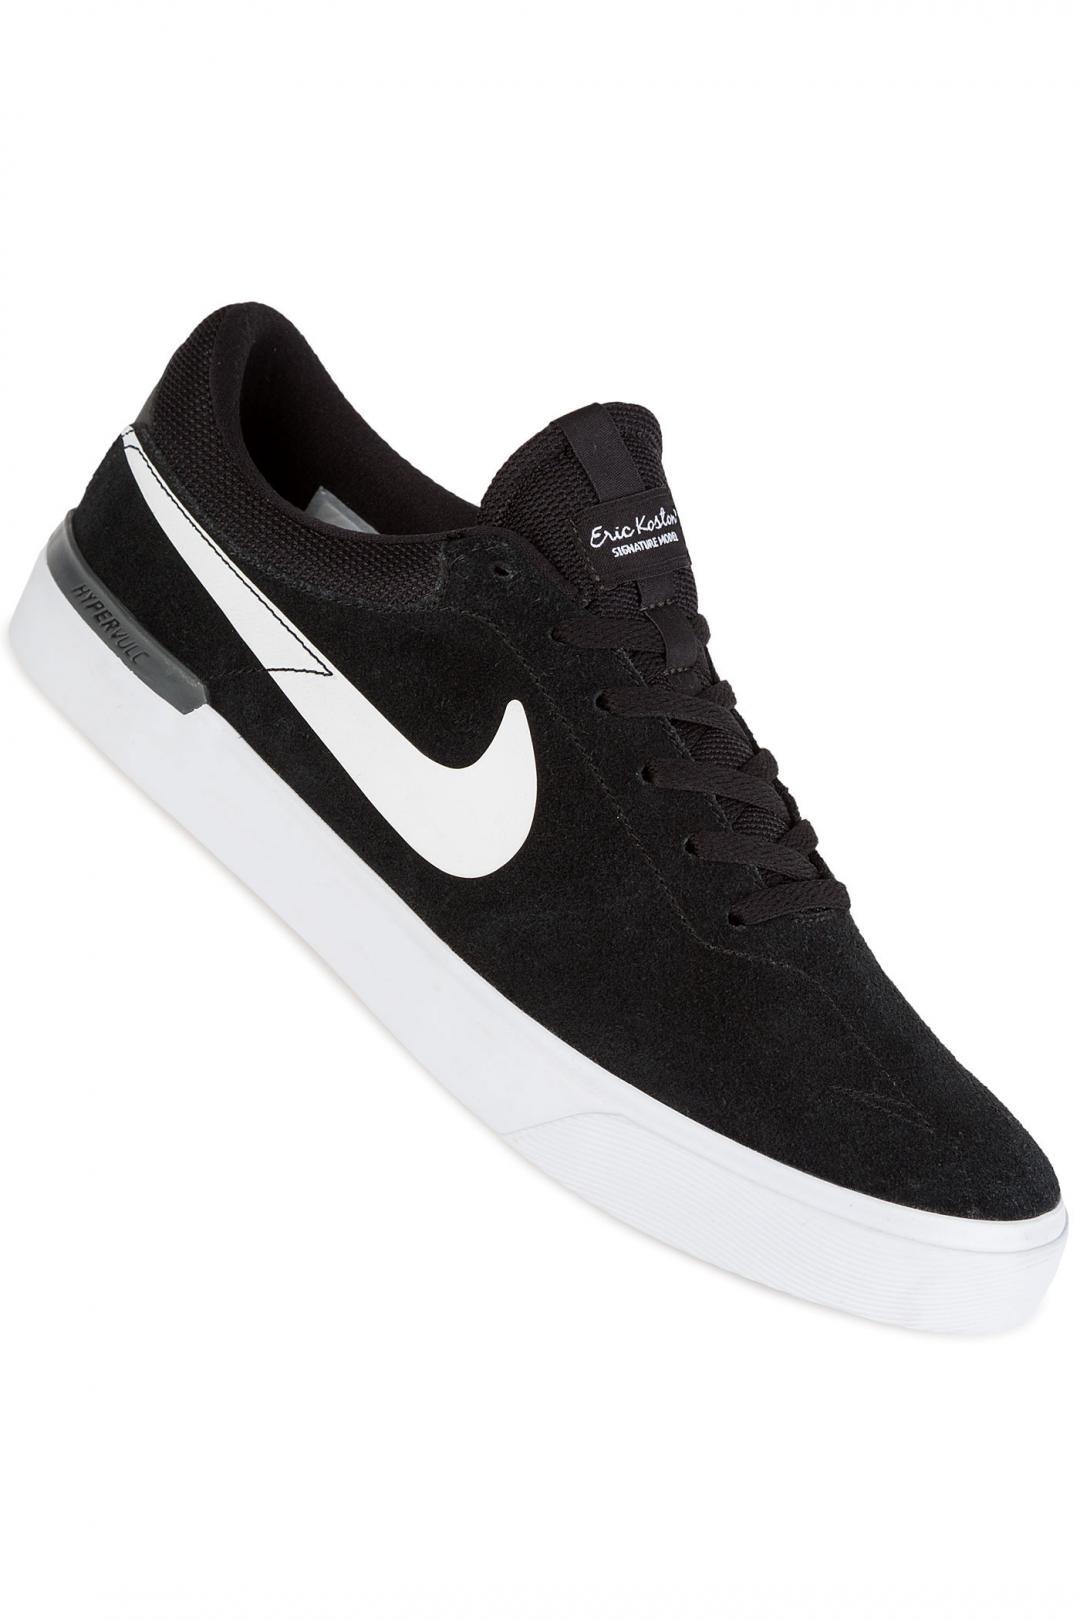 Uomo Nike SB Koston Hypervulc black white | Sneakers low top